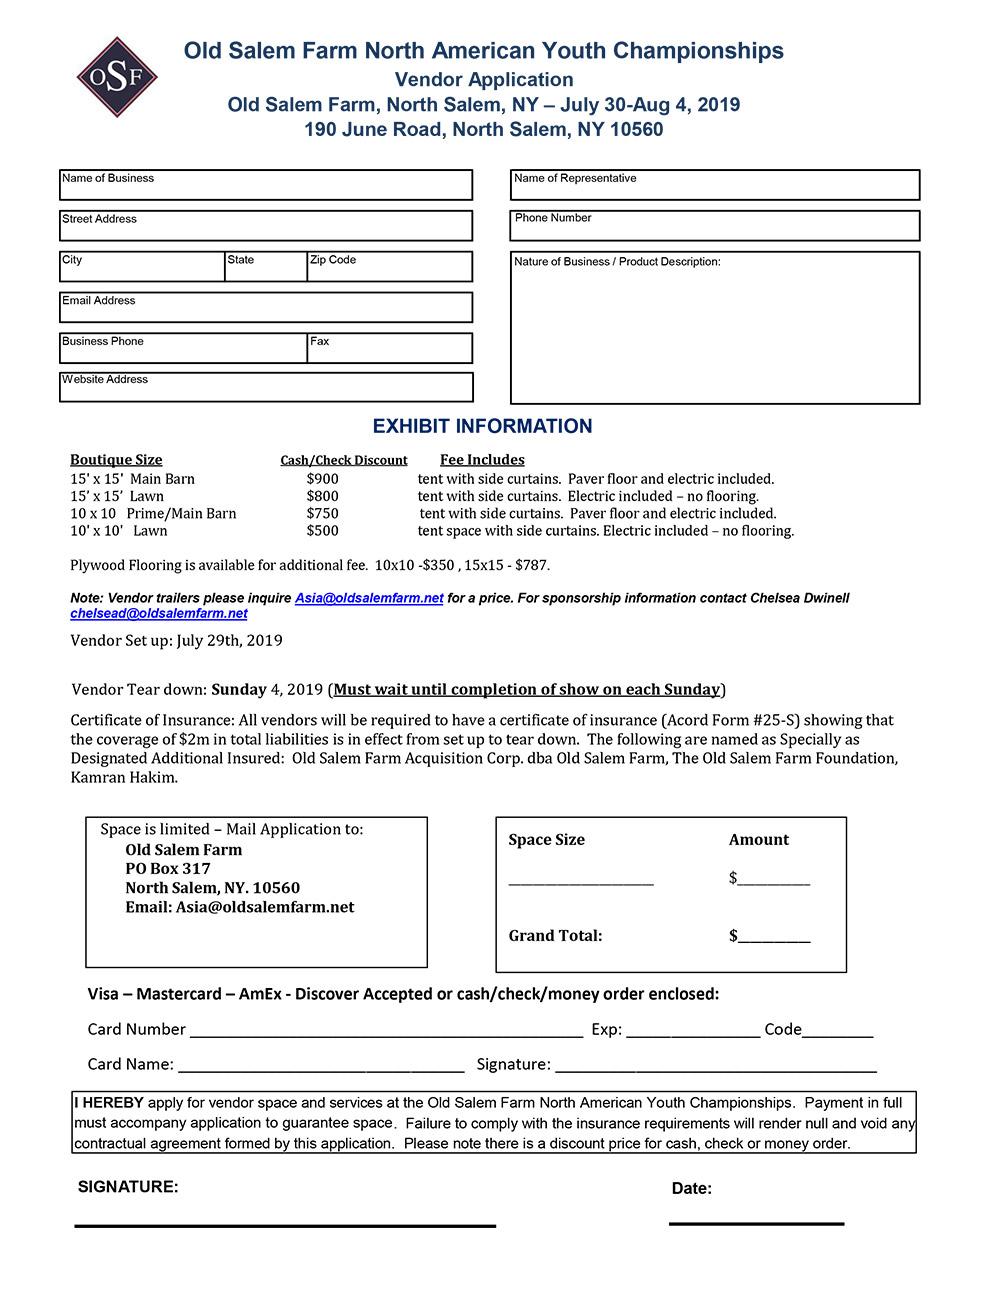 Download Vendor Application